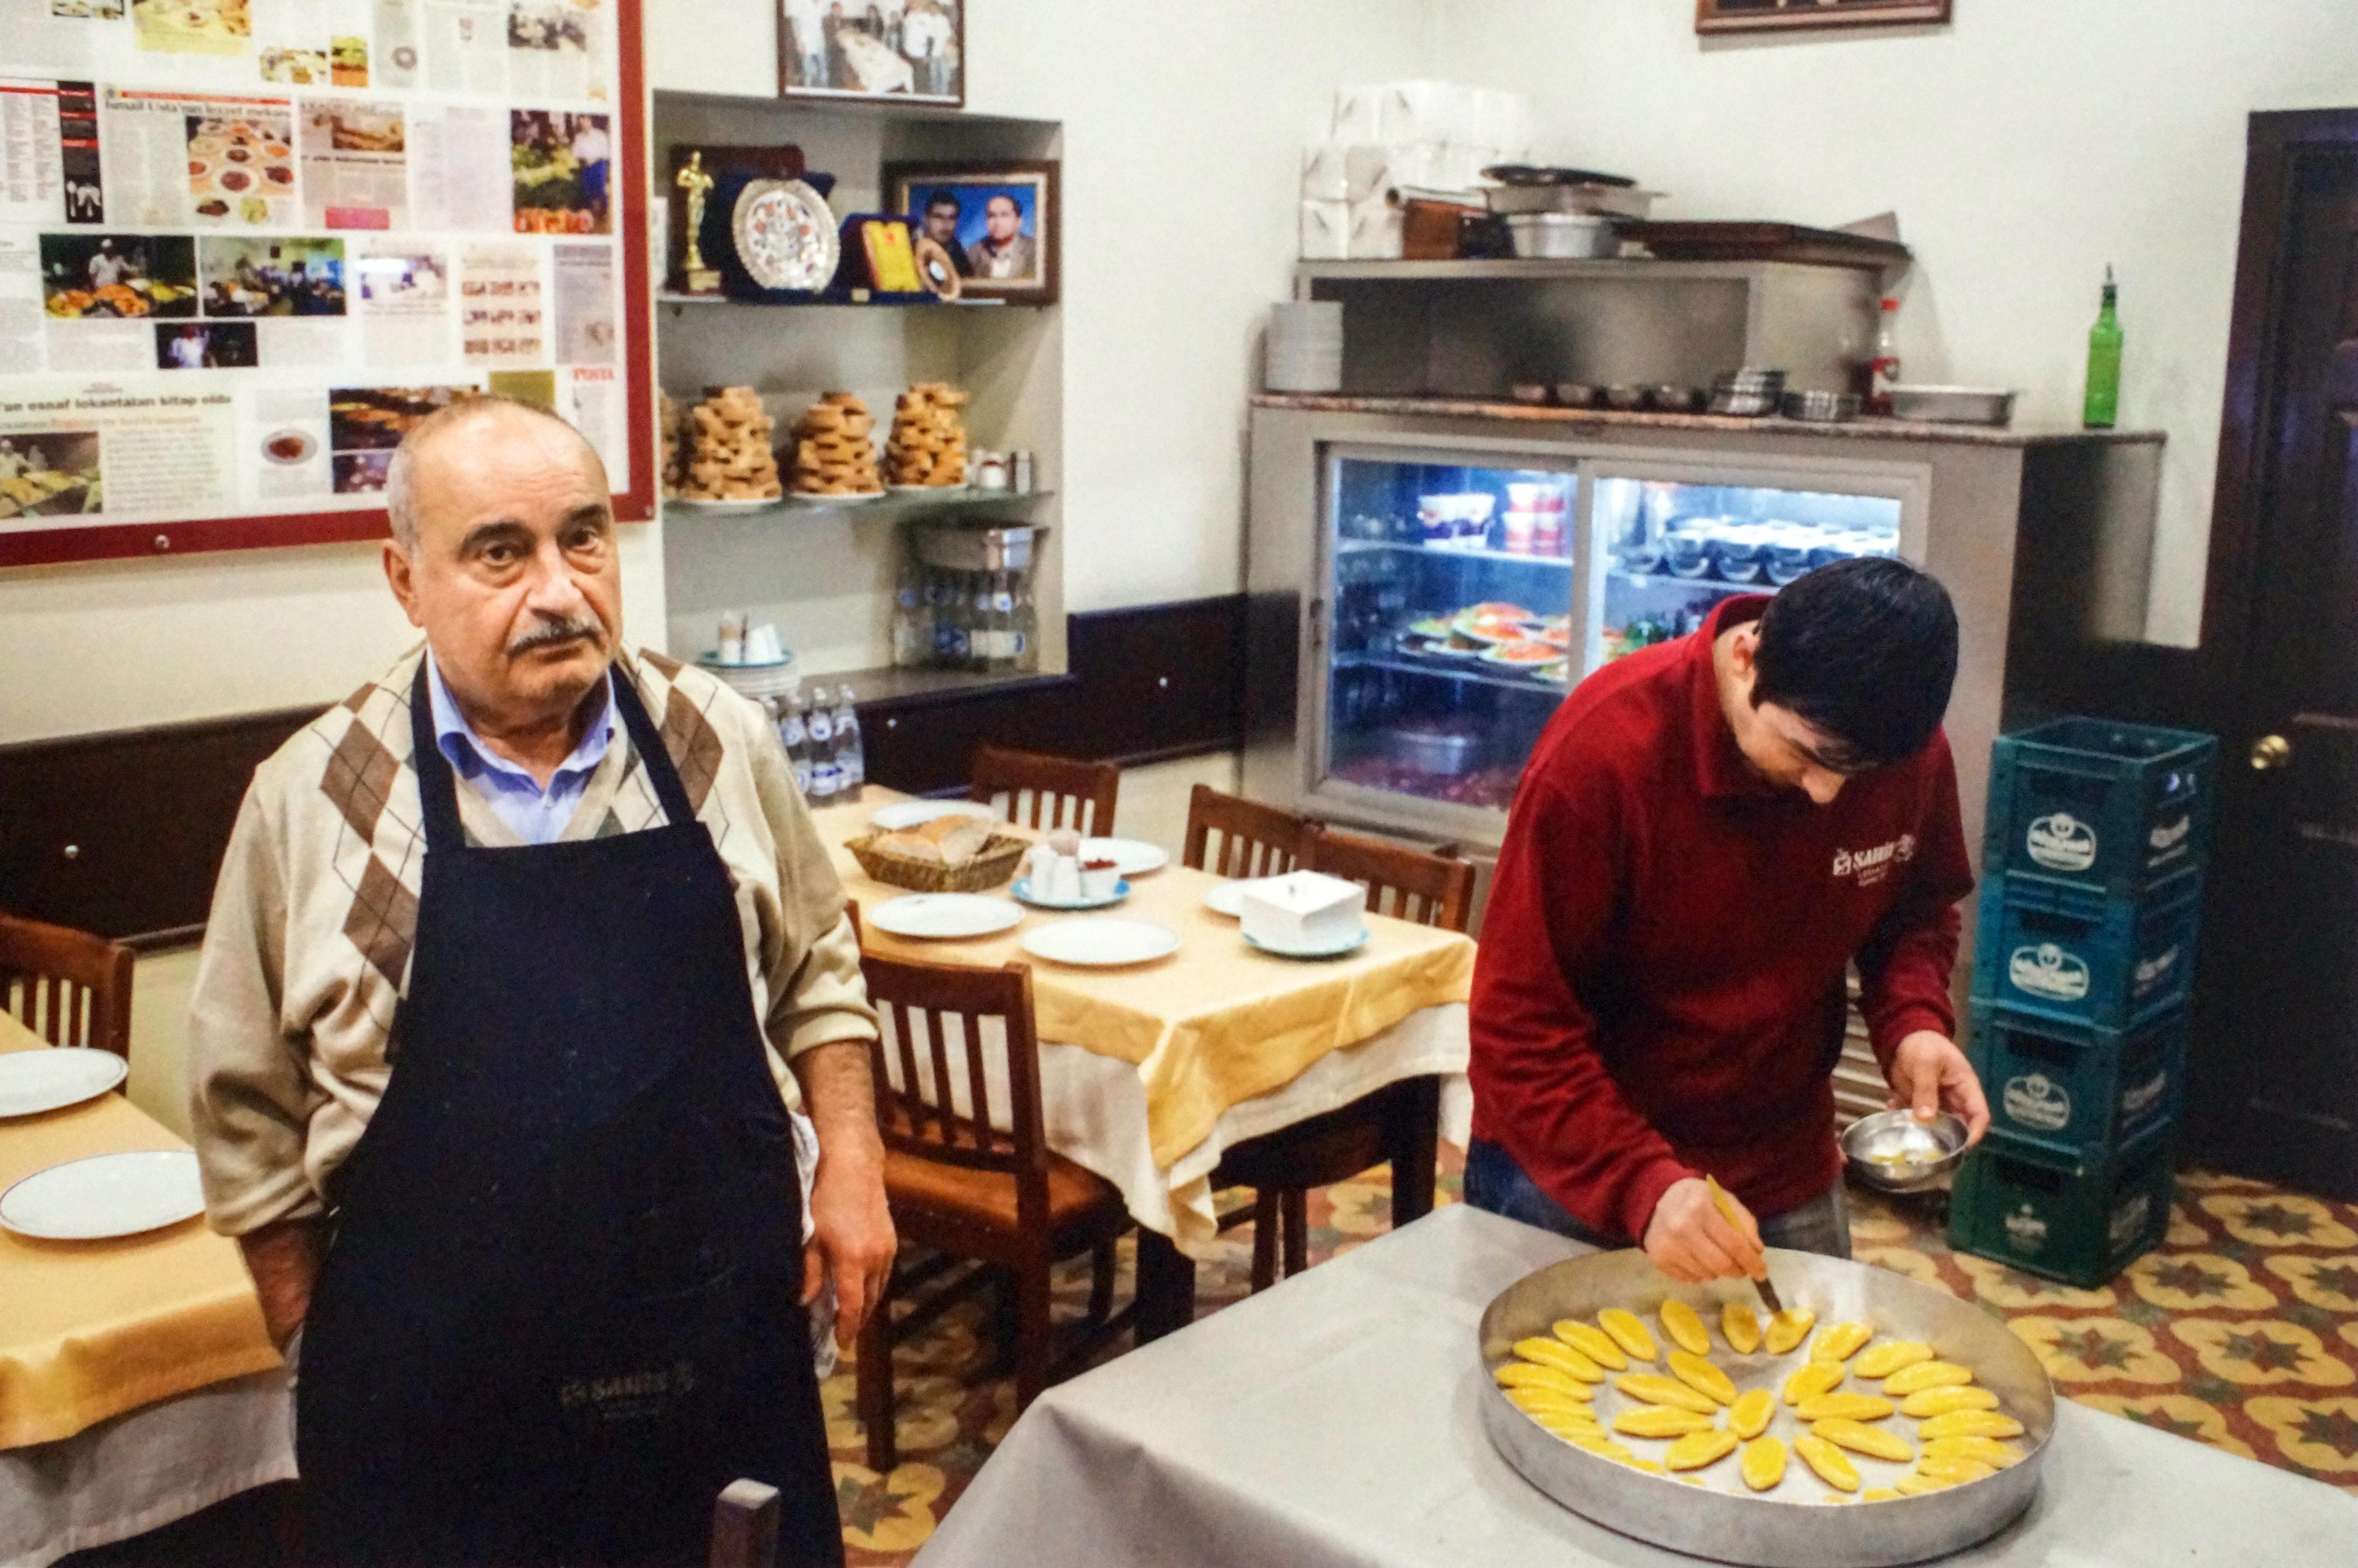 İsmail Şahin, 50 yıllık Şahin Lokantası'nın her şeyi. (Fotoğraf Rıza Erdeğirmenci)